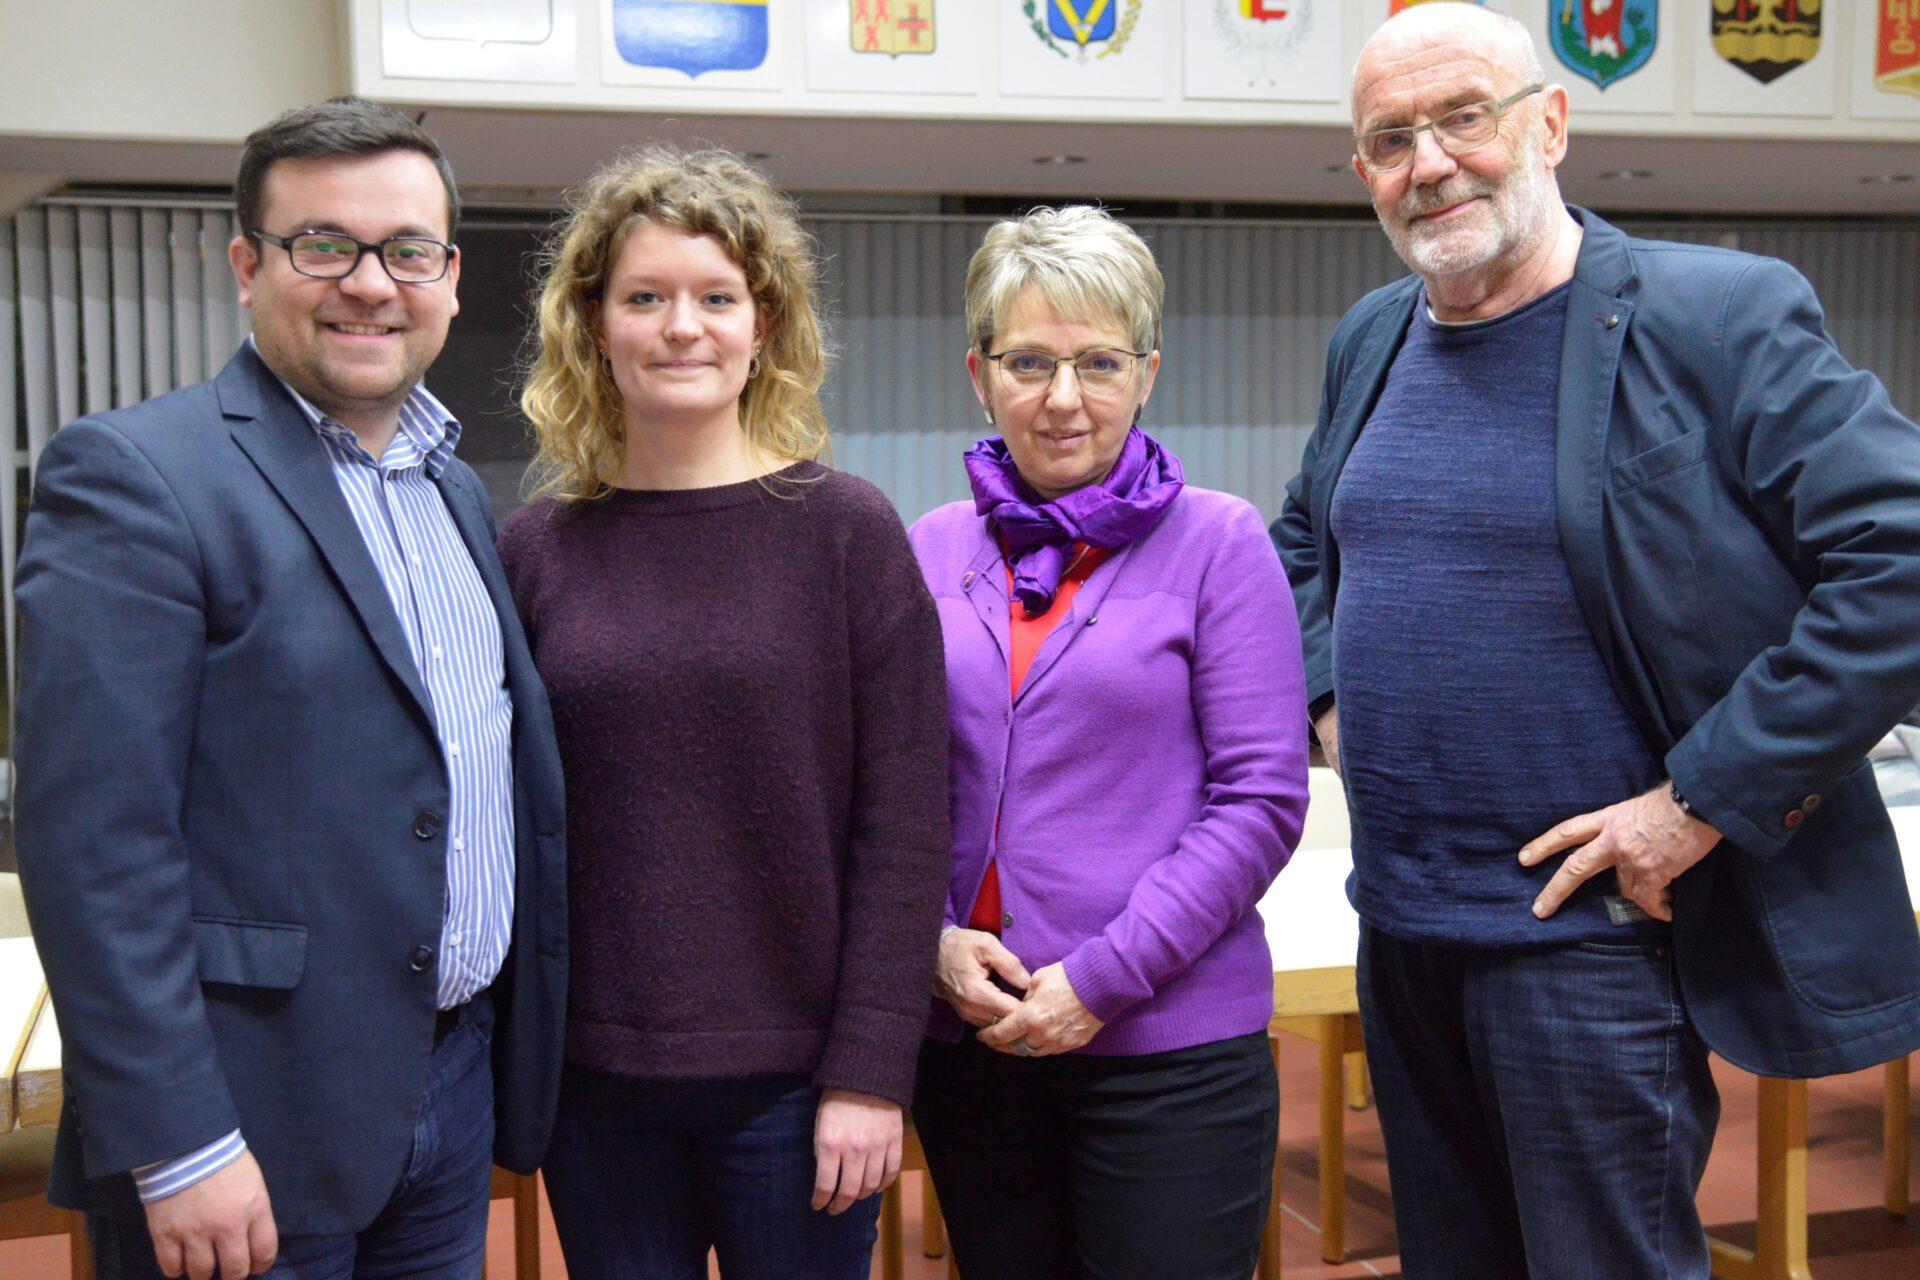 Einsamkeit im Alter: Bürgermeister nimmt den Kampf auf